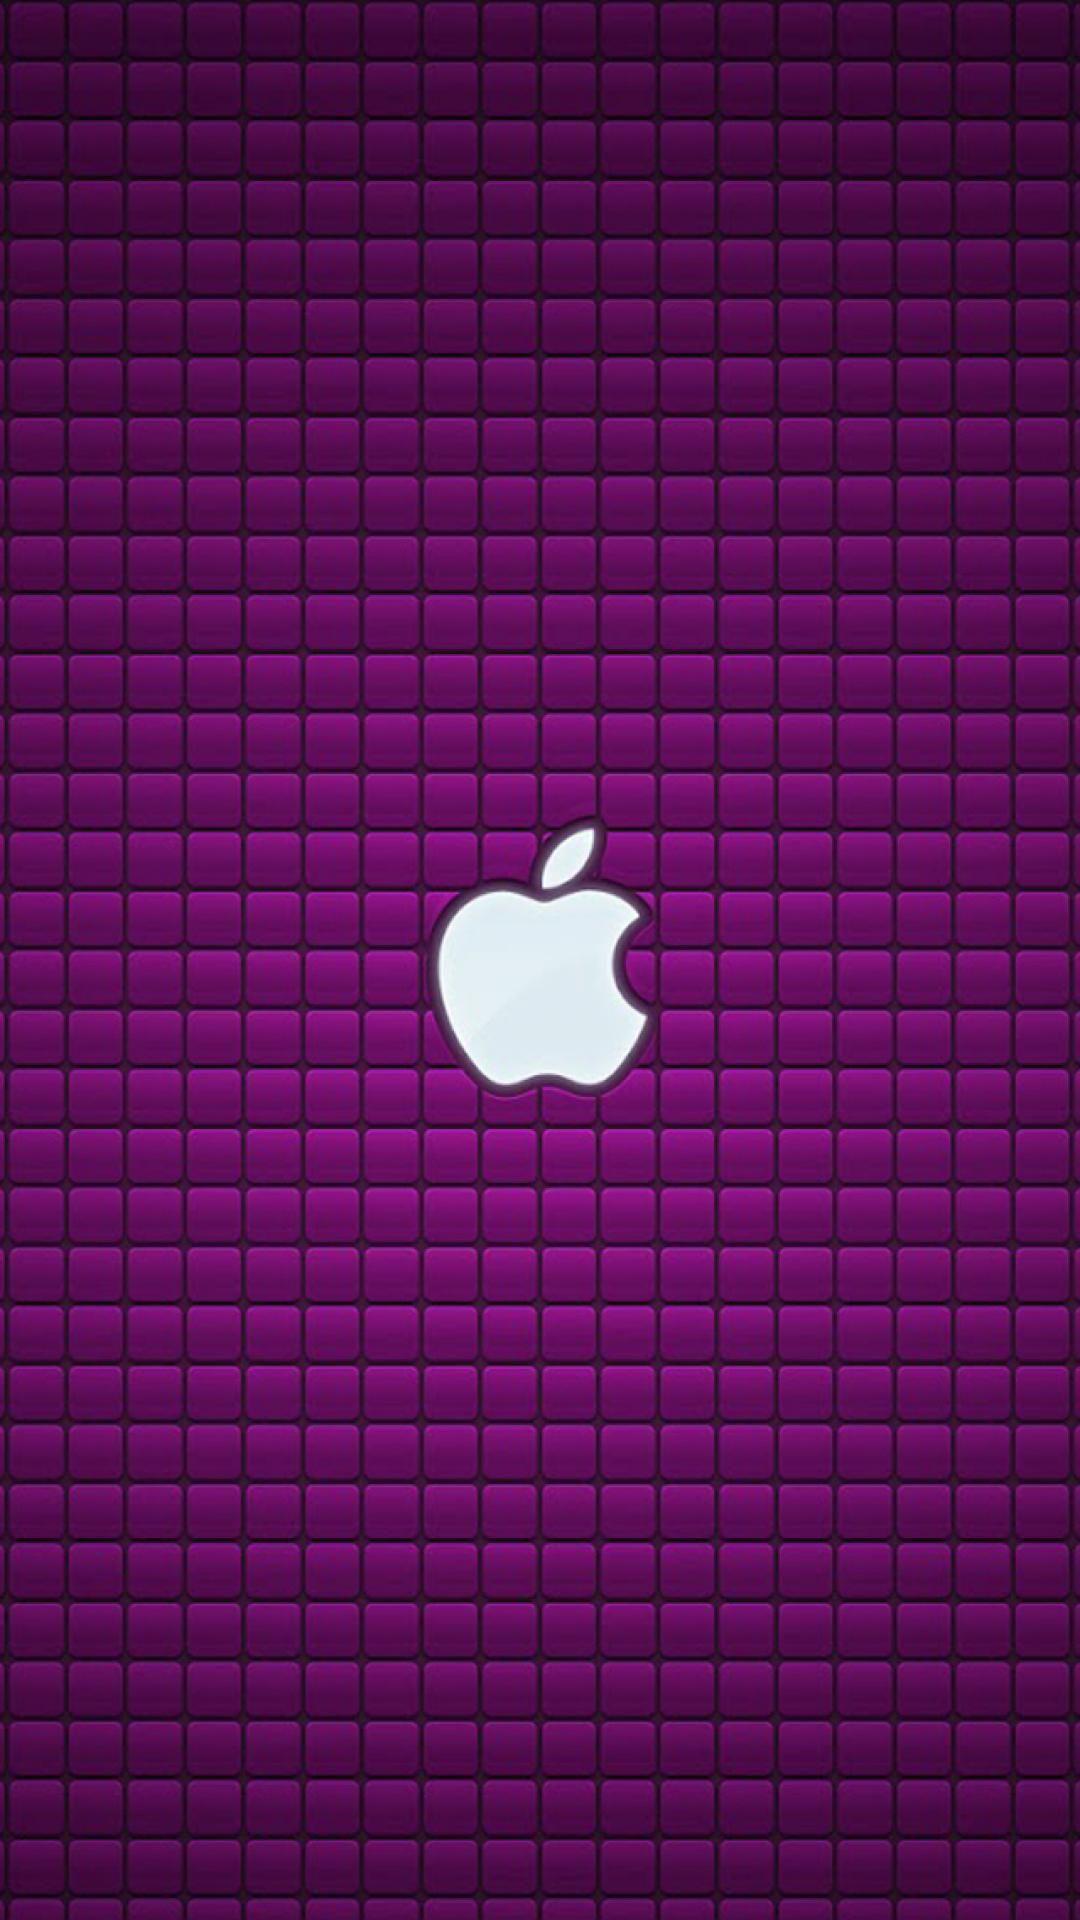 Iphone 6 Retina Wallpaper Iphone 用壁紙 壁紙 Iphone壁紙